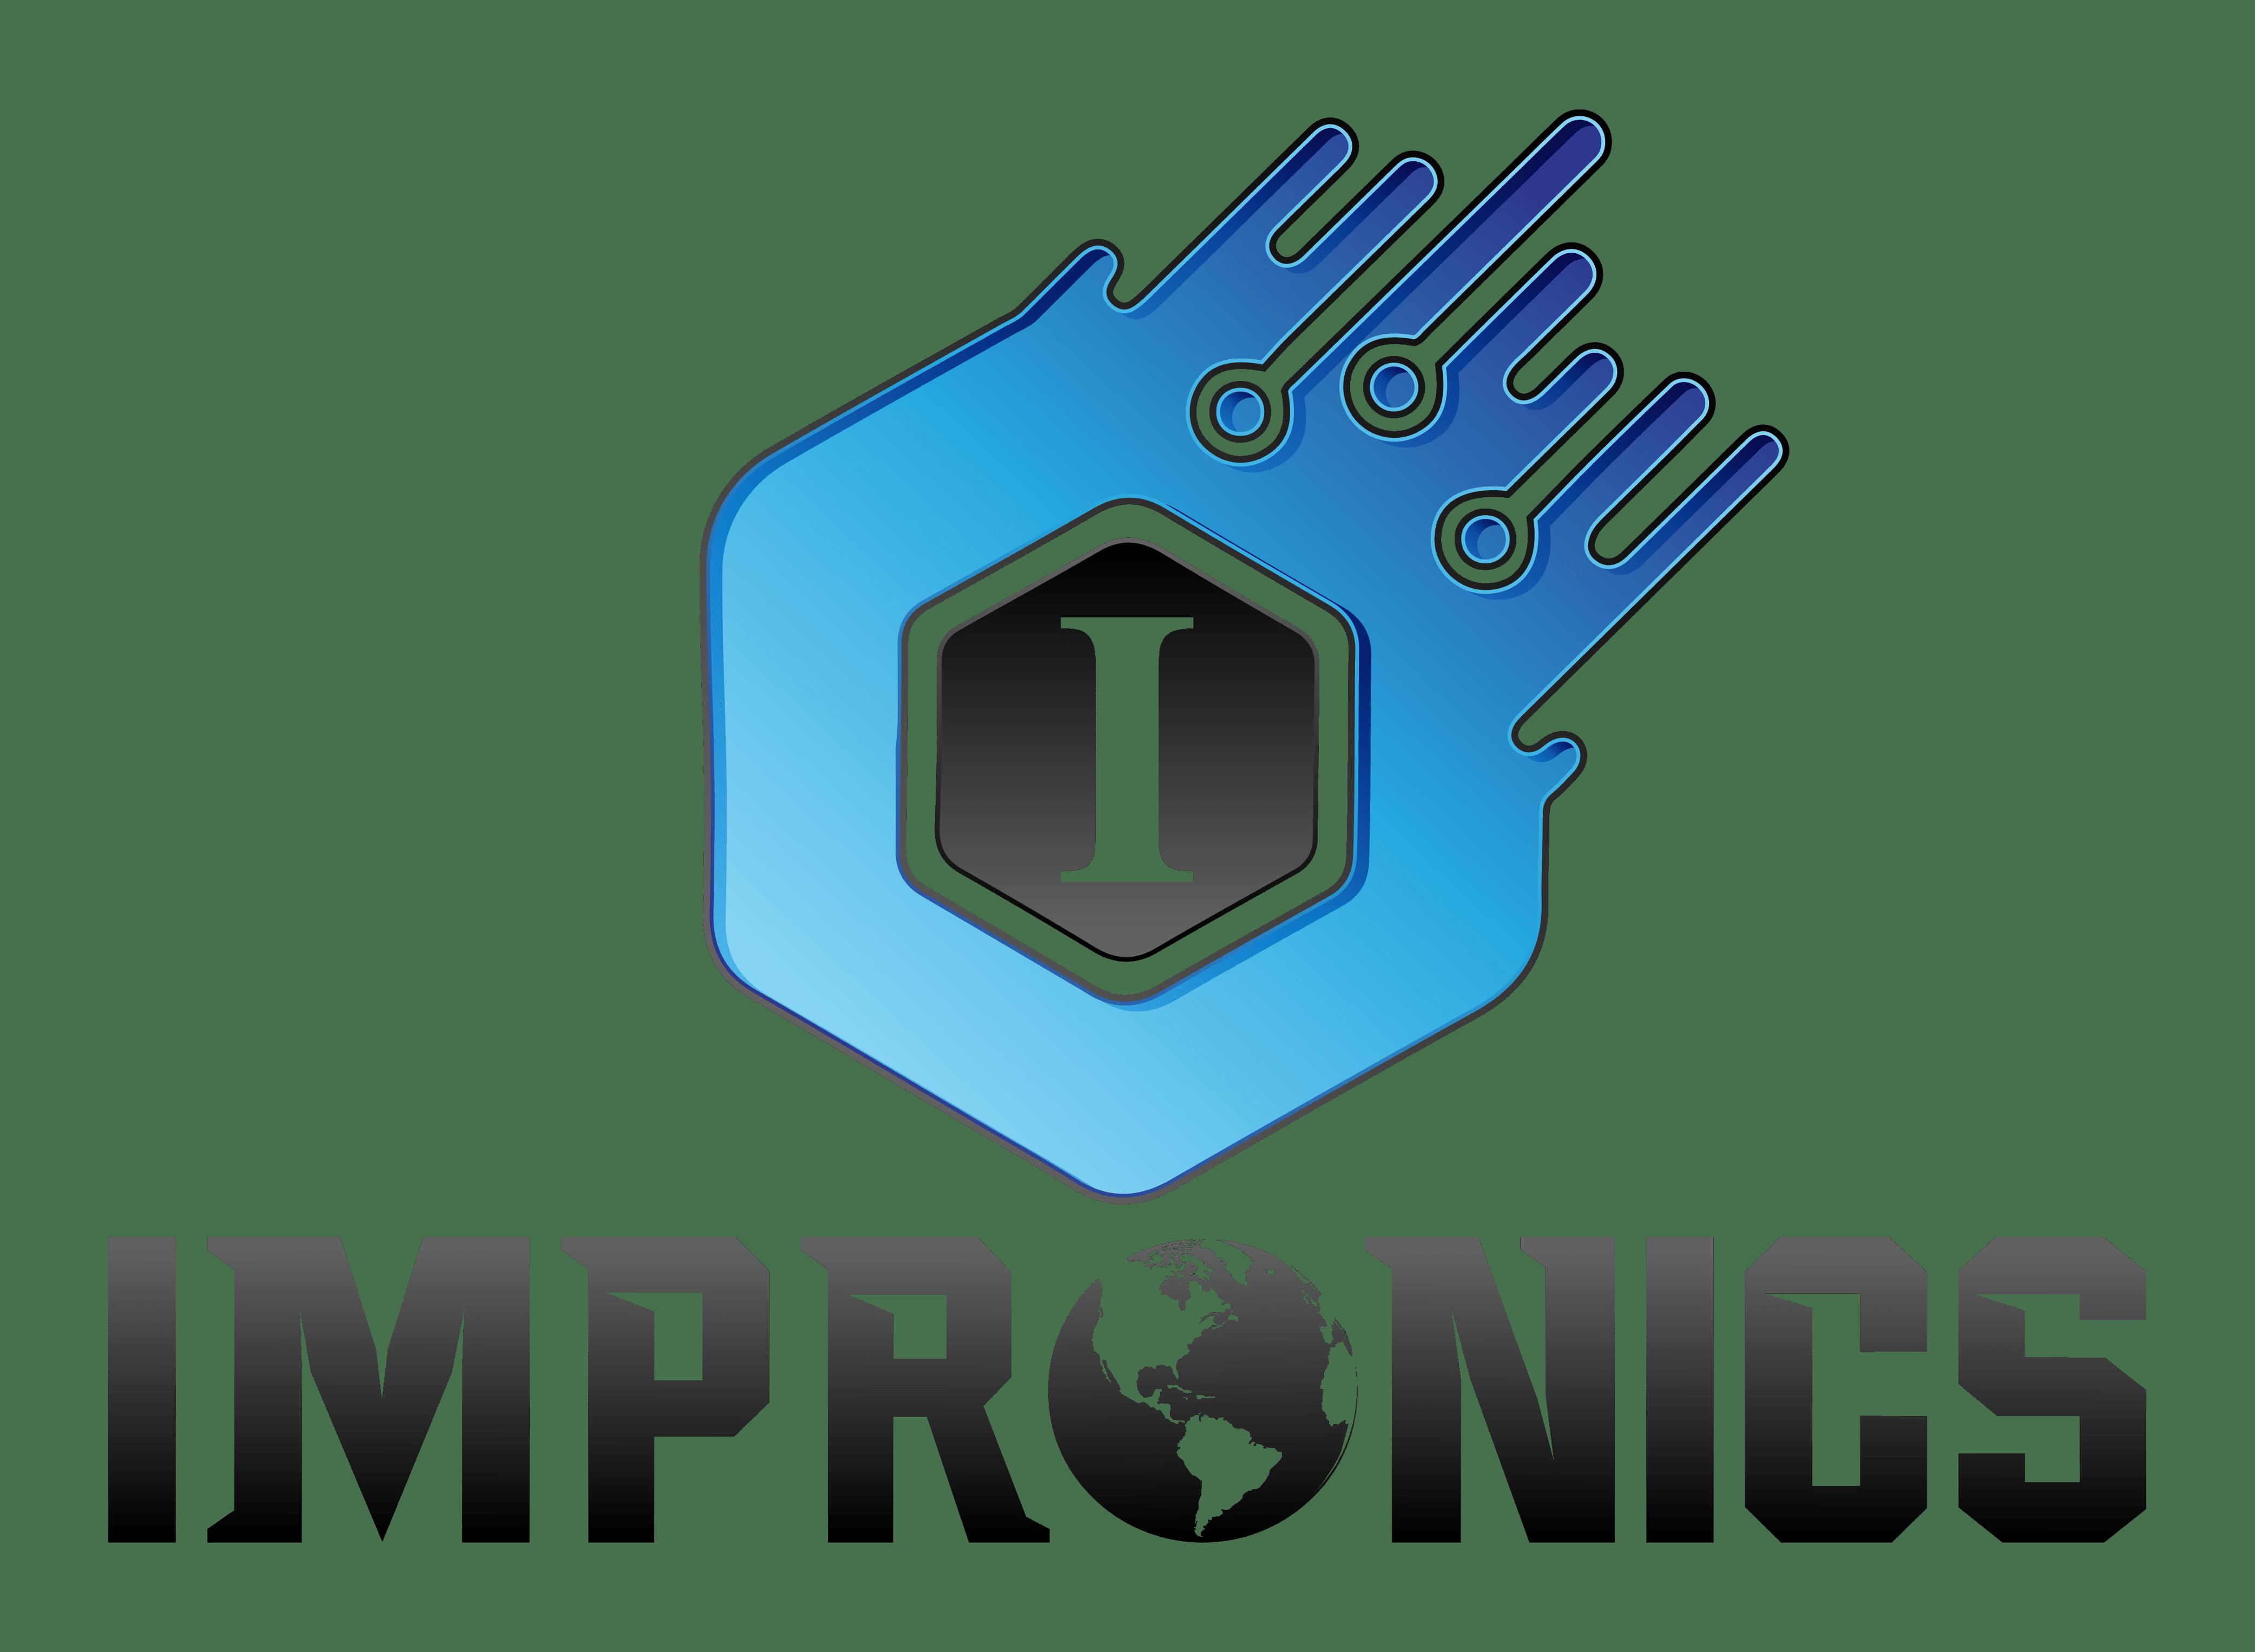 Impronics Technologies